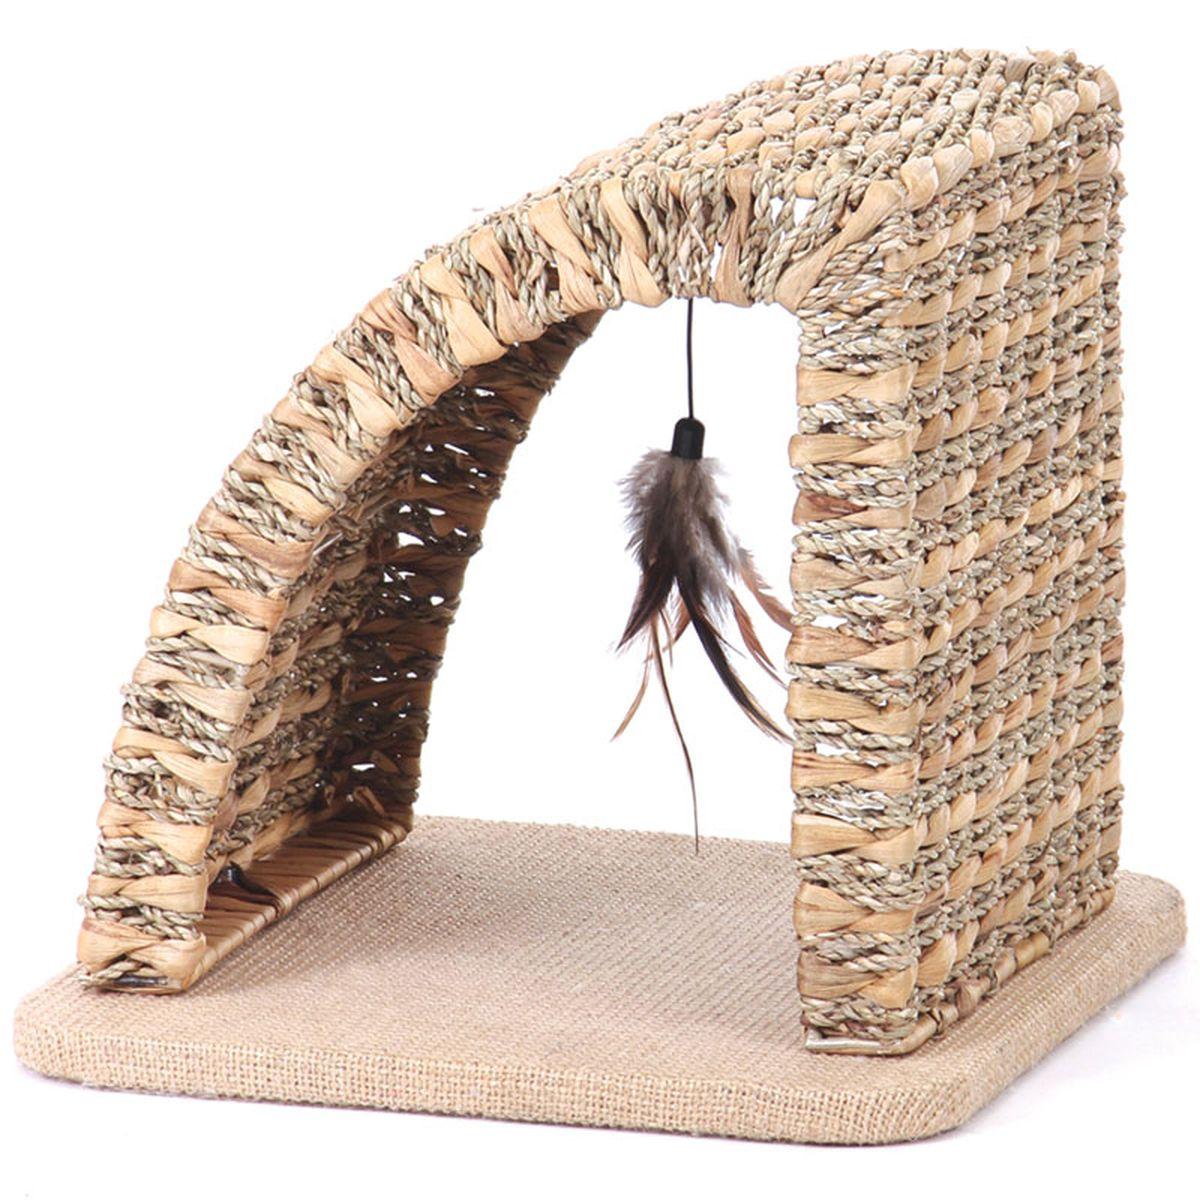 Когтеточка TriolАрка, 35 х 35 х 32 смCT26Когтеточка TriolАрка - незаменимая вещь для сохранности мебели в квартире и удовлетворения естественных потребностей кошки. Она выполнена из природного экологического материала, арочная форма позволит кошке вытянуться во весь рост, чтобы поточить коготки. Для дополнительной привлекательности когтеточка имеет игрушку - подвешенную кисточку из перышек. Если вы не хотите прибивать на стену традиционную когтеточку (кошки обдирают обои вокруг неё, она портит общую картину интерьера), то напольная когтеточка - лучший выход из положения. Когтеточка для кошек в виде арки полностью удовлетворит потребности кошки поиграть и поточить когти.Преимущества:- За счет трубчатой структуры материала легко проветривается;- Выдерживает большие перепады температур;- Не впитывает воду, не промокает, не набухает от сырости;- Обладает бактерицидными свойствами.